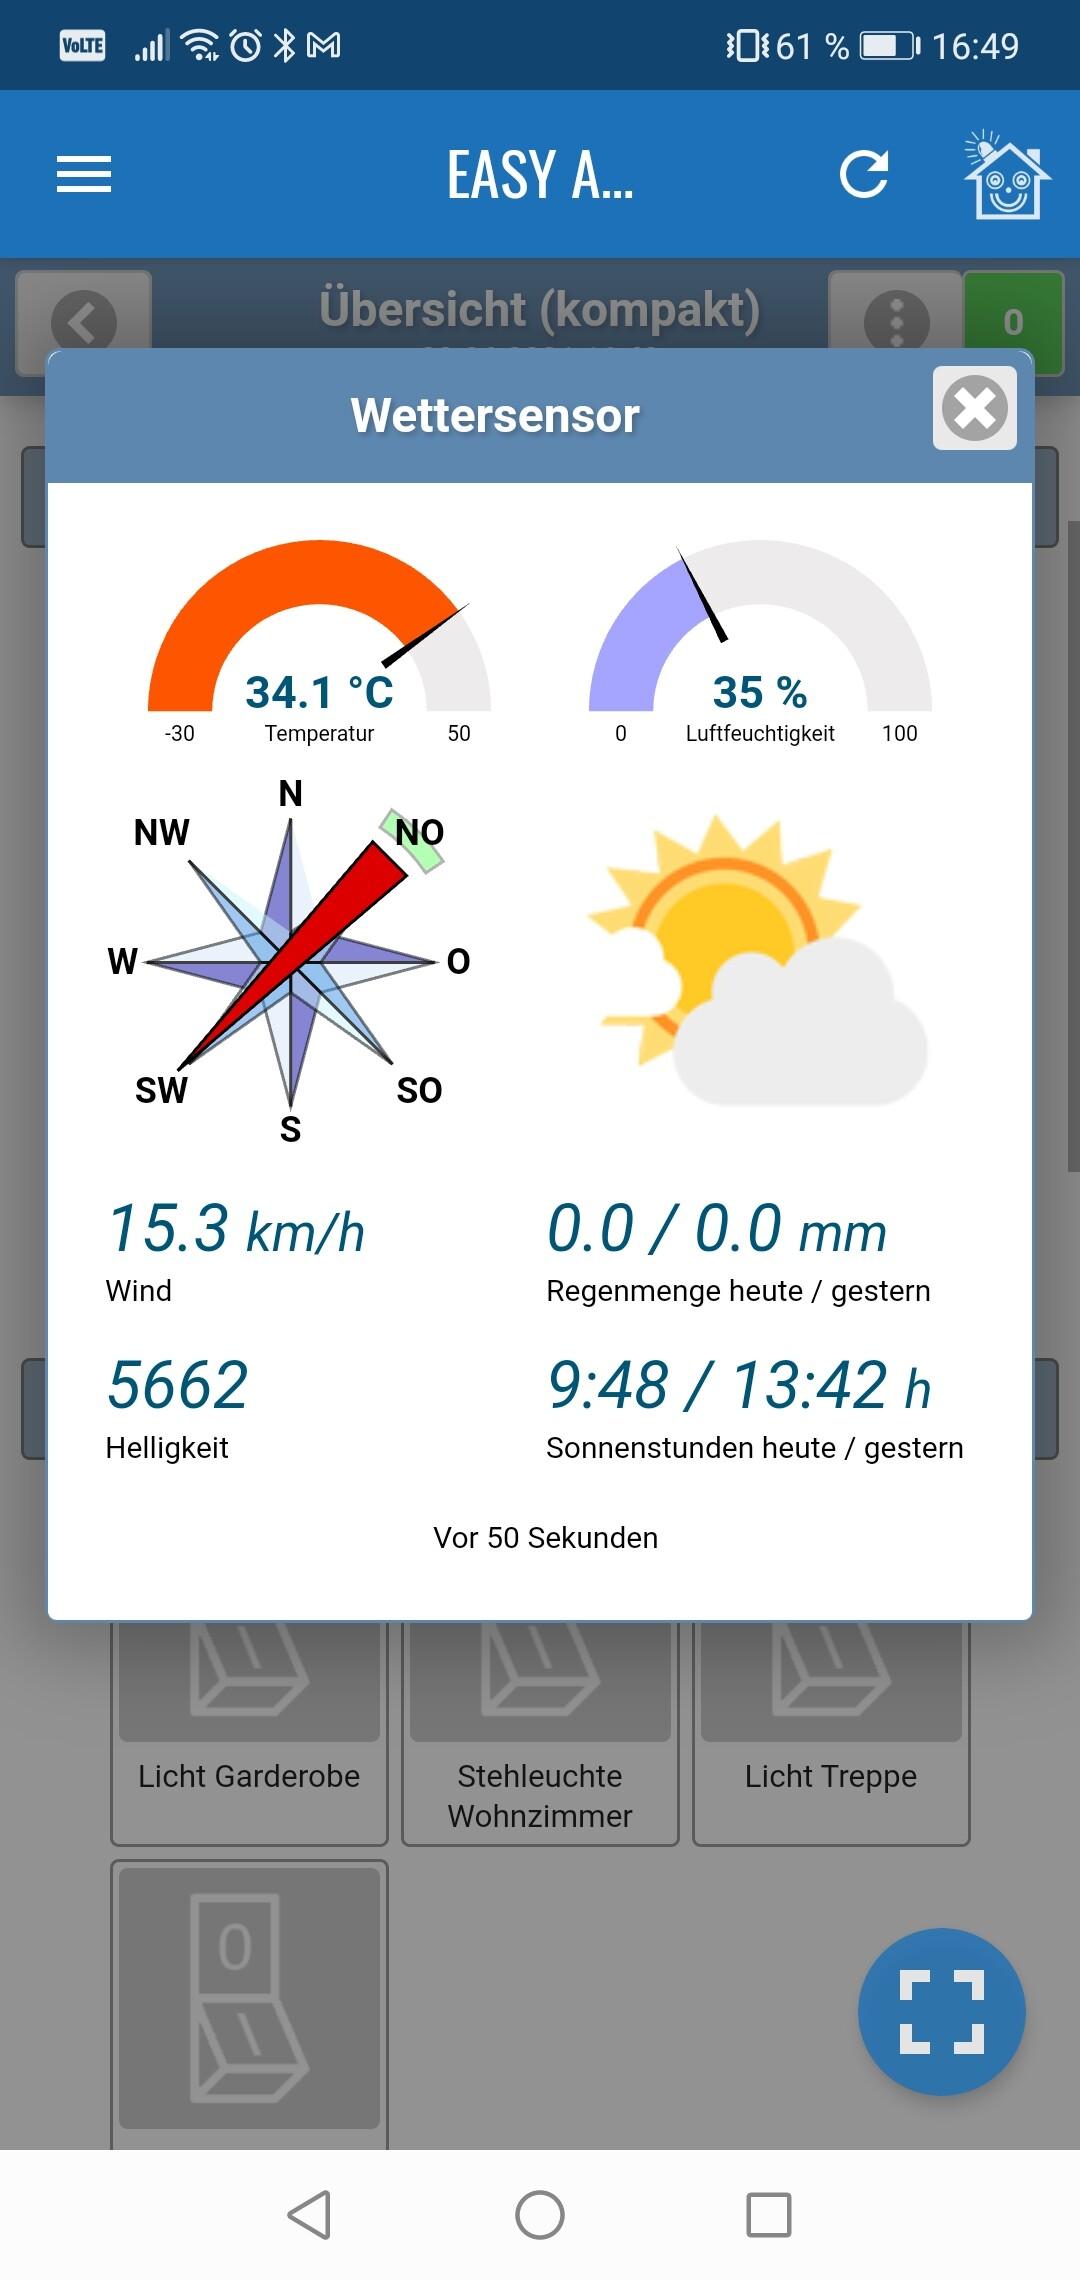 Screenshot_20210629_164949_com.easysmarthome.easyapp